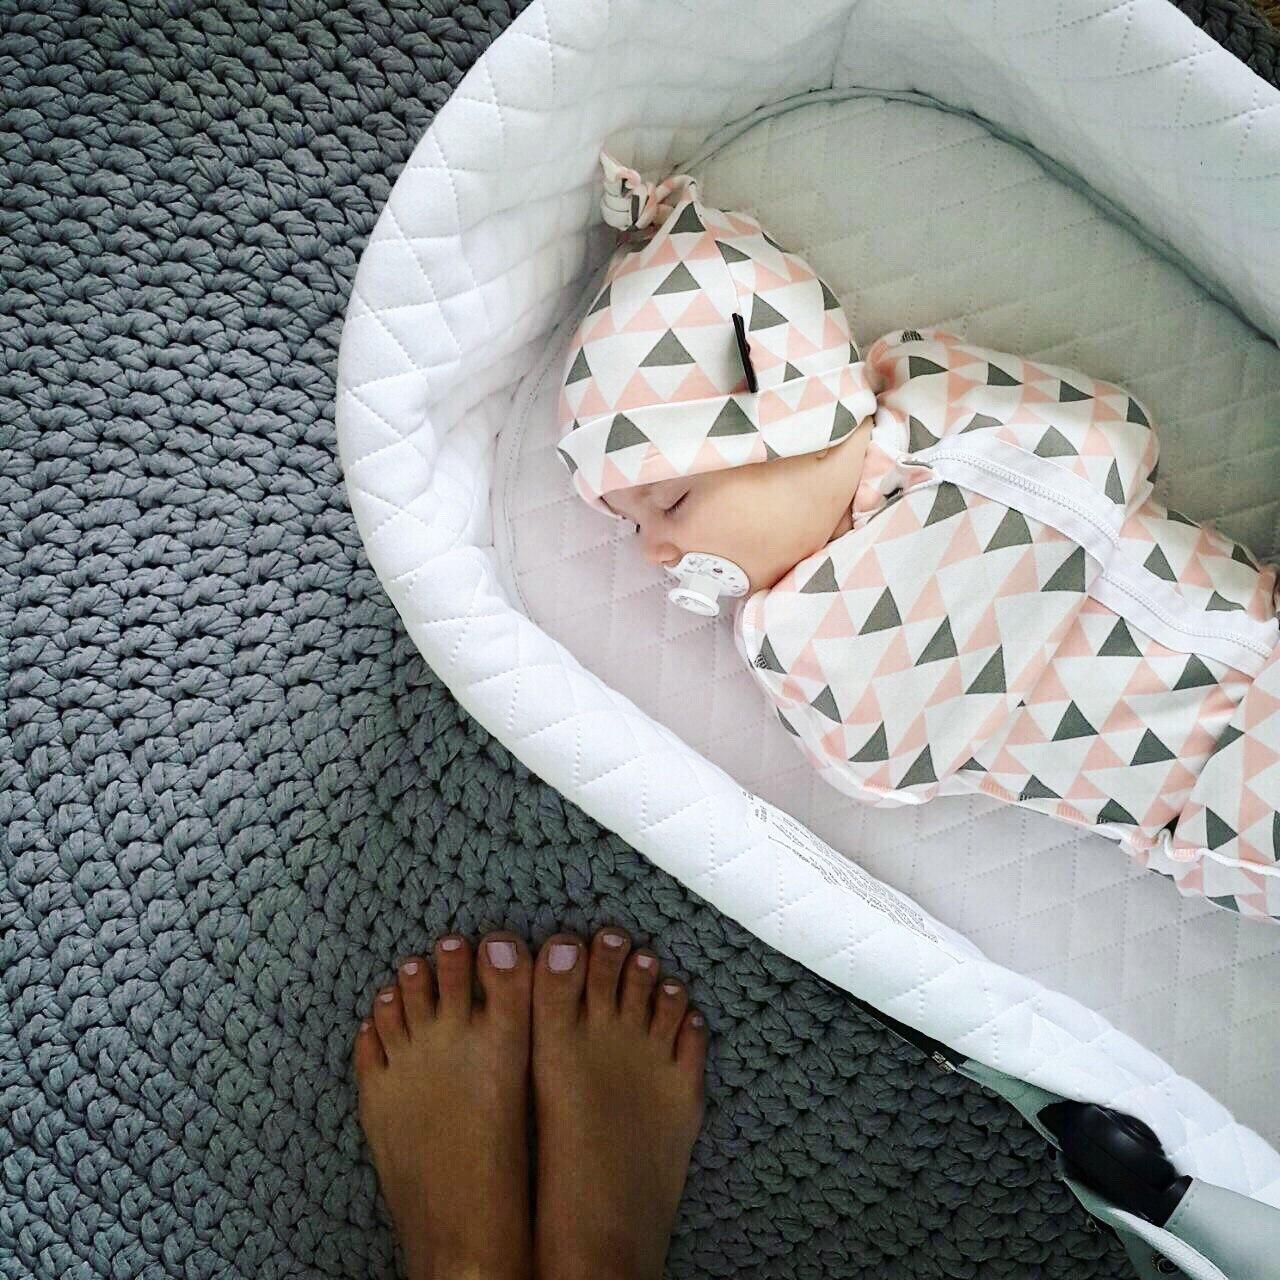 Пеленальный кокон и шапочка Mjölk Треугольники для девочки